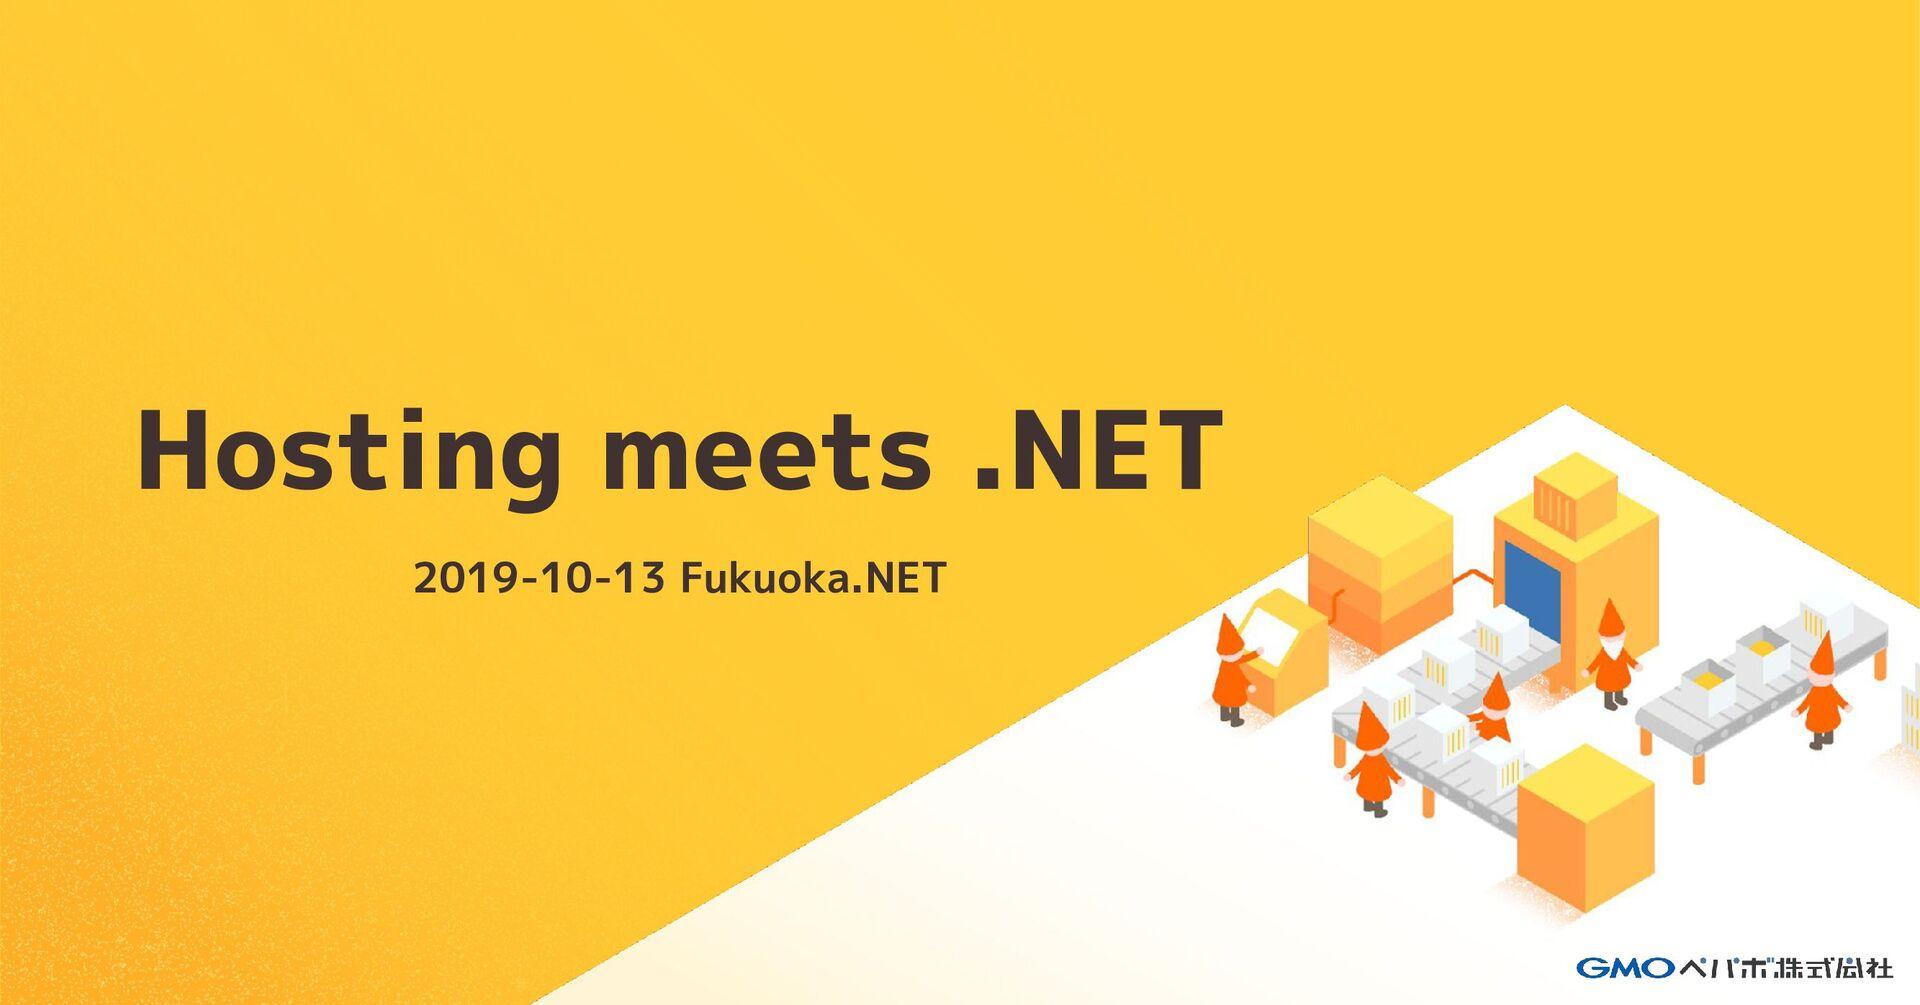 Hosting meets .NET 2019-10-13 Fukuoka.NET